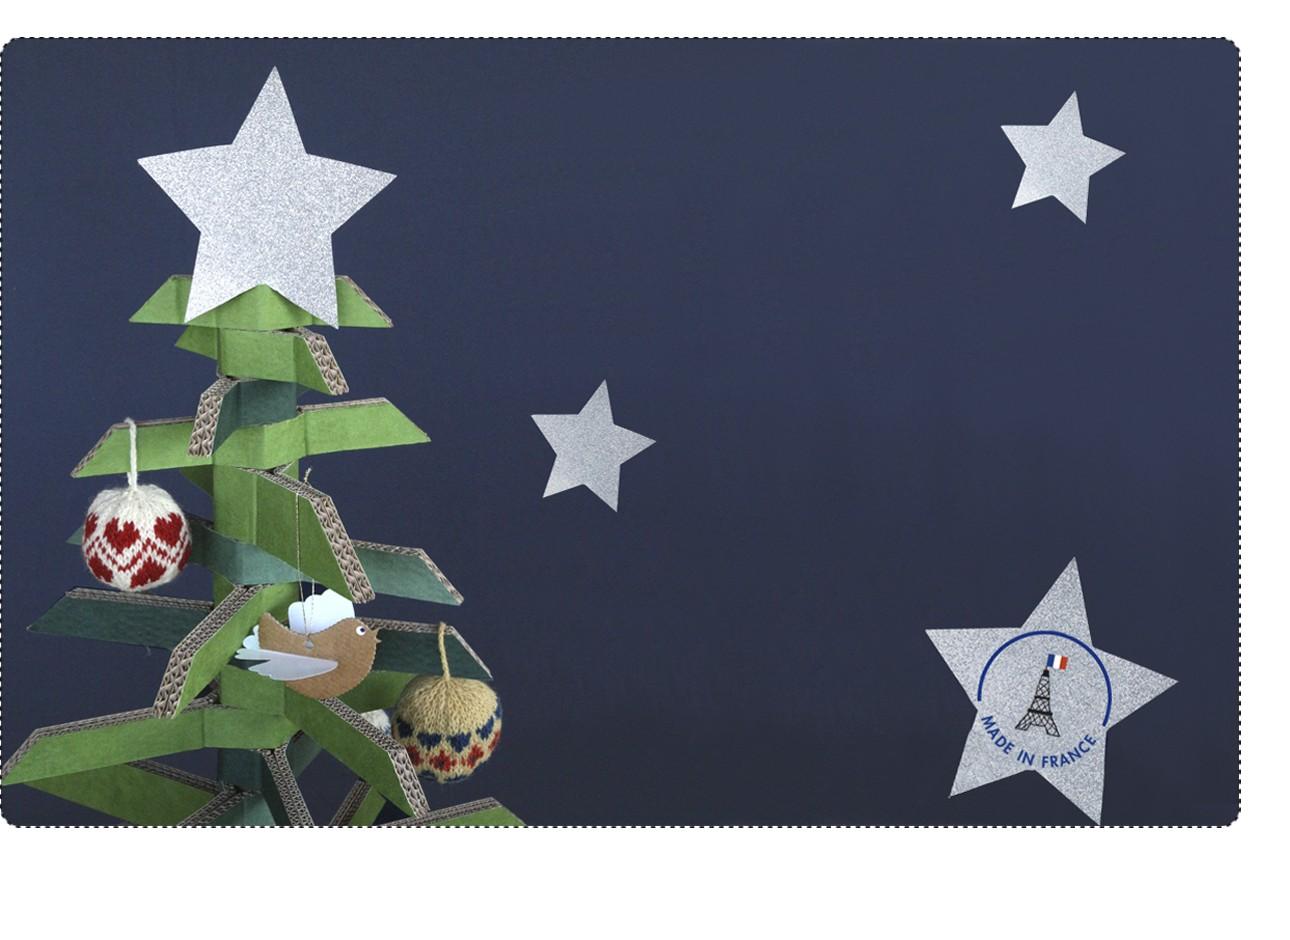 Pirouette cacahouète, des jeux et loisirs créatifs en carton, fabriqués en France, écolos, rigolos